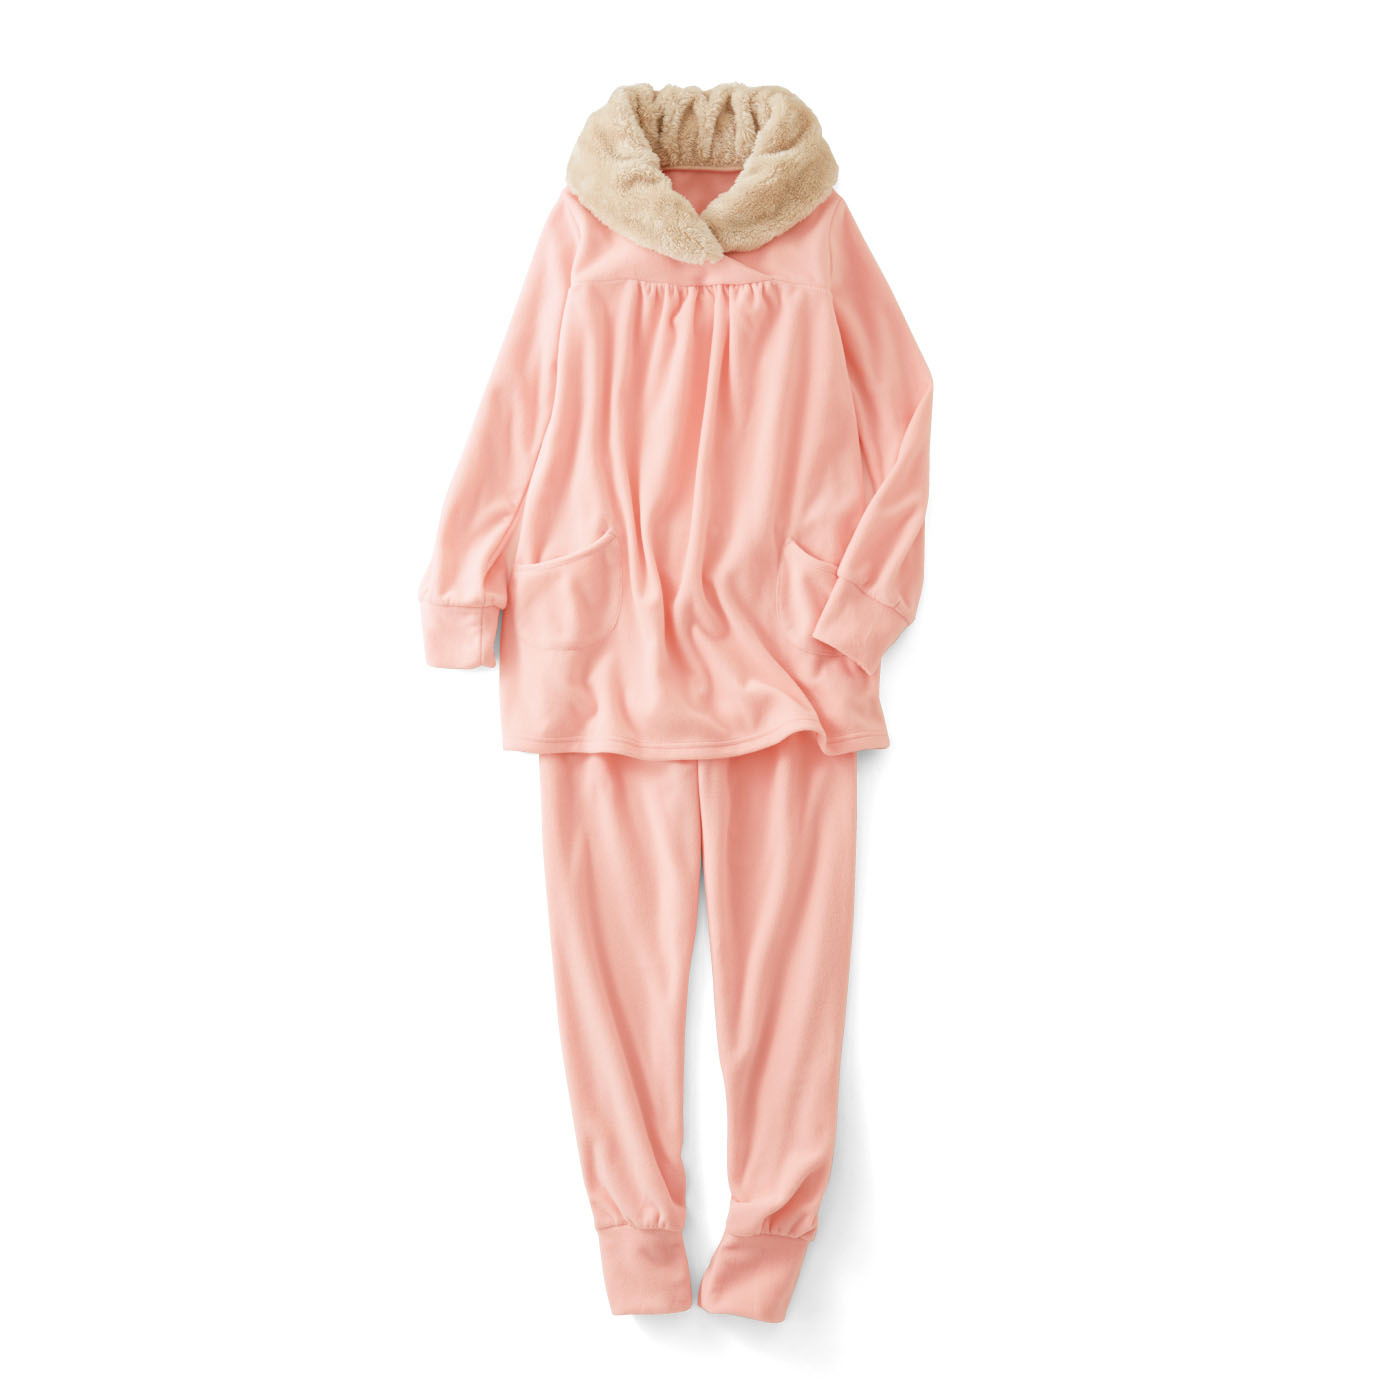 袖口と足口がほどよくすぼまったデザイン。就寝中もすそがずり上がりにくく、暖かさをキープ。〈ピンク〉